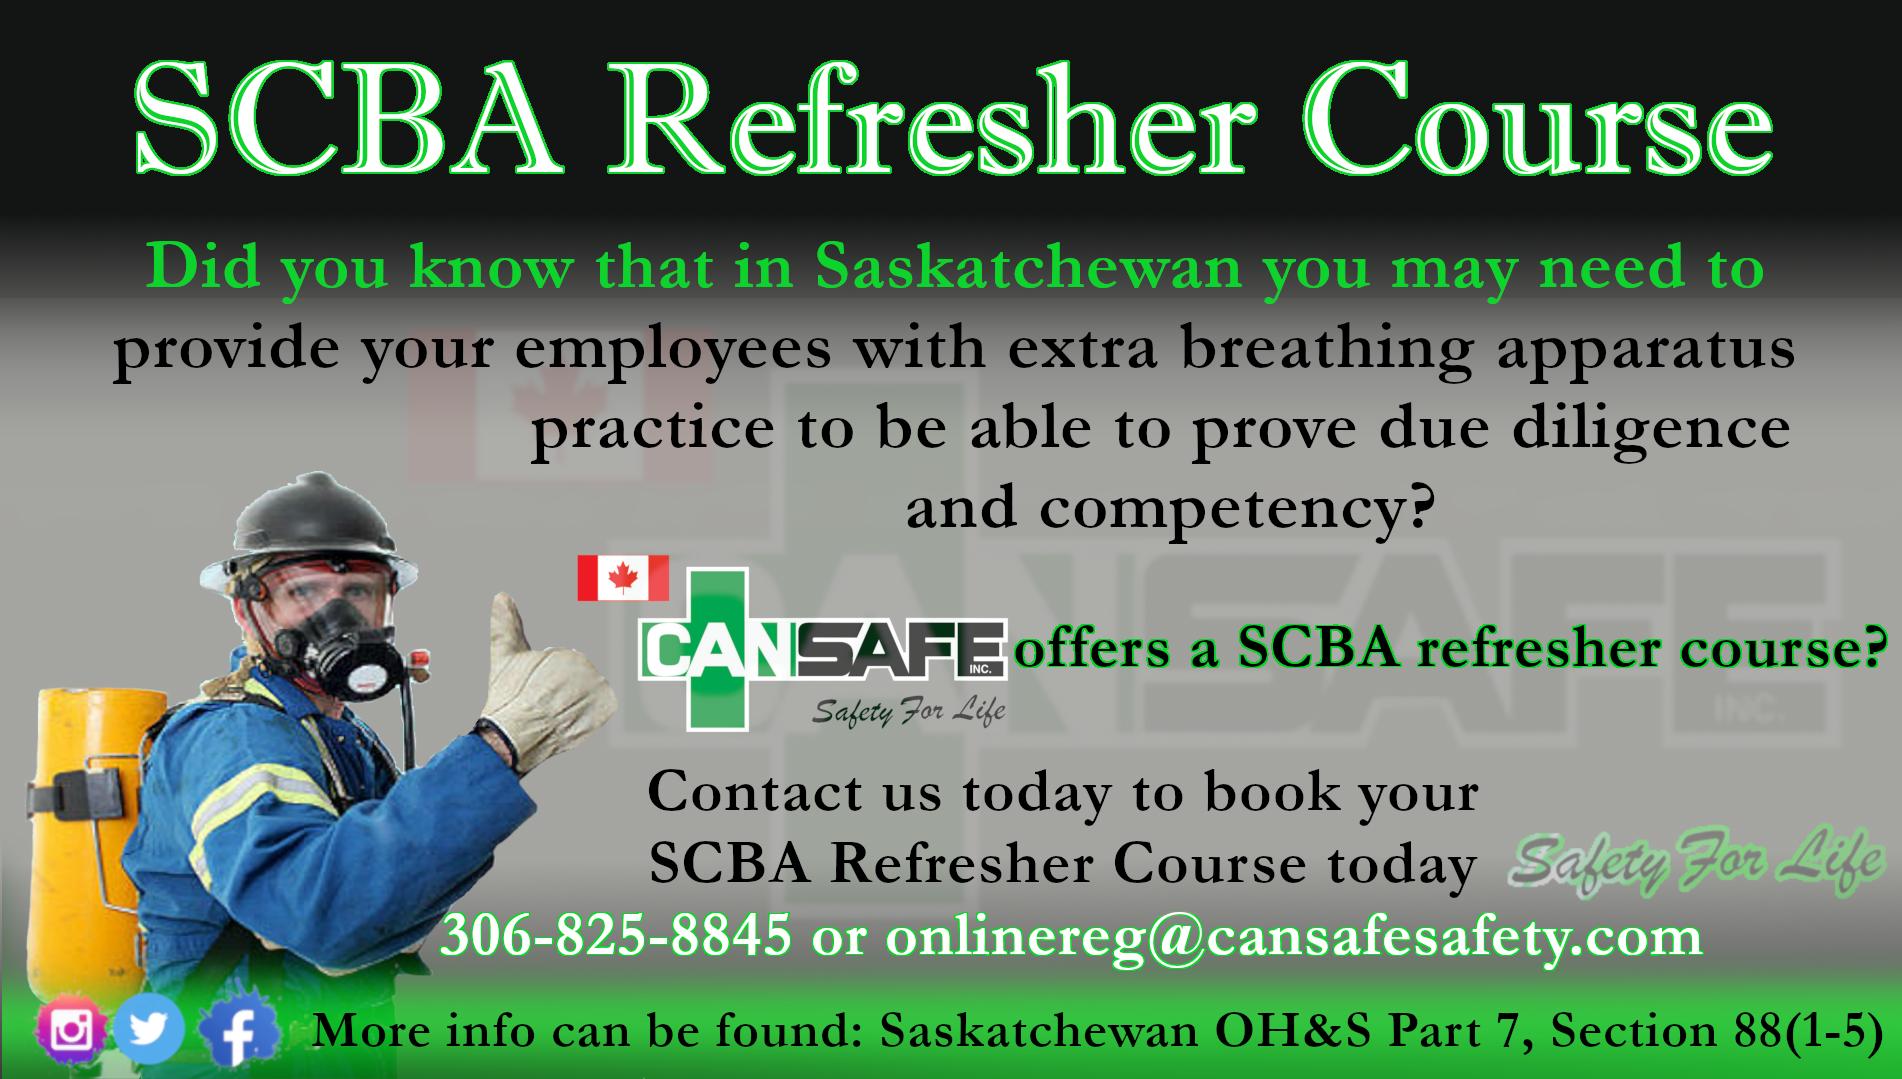 SCBA Refresher